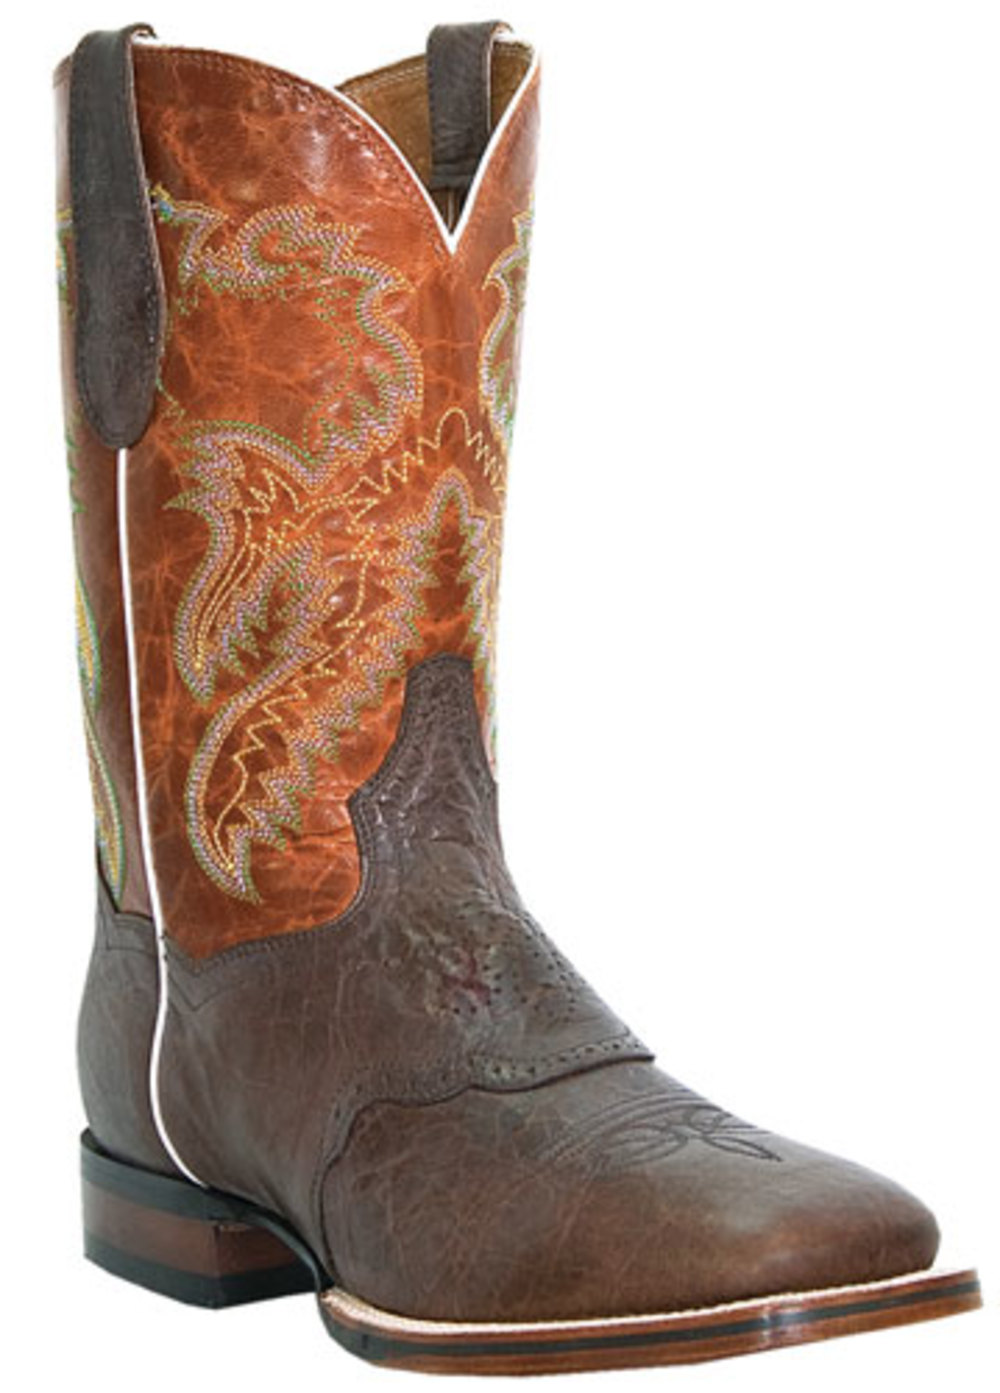 Men's Dan Post CERTIFIED Stockman Boots BROWN 8 D